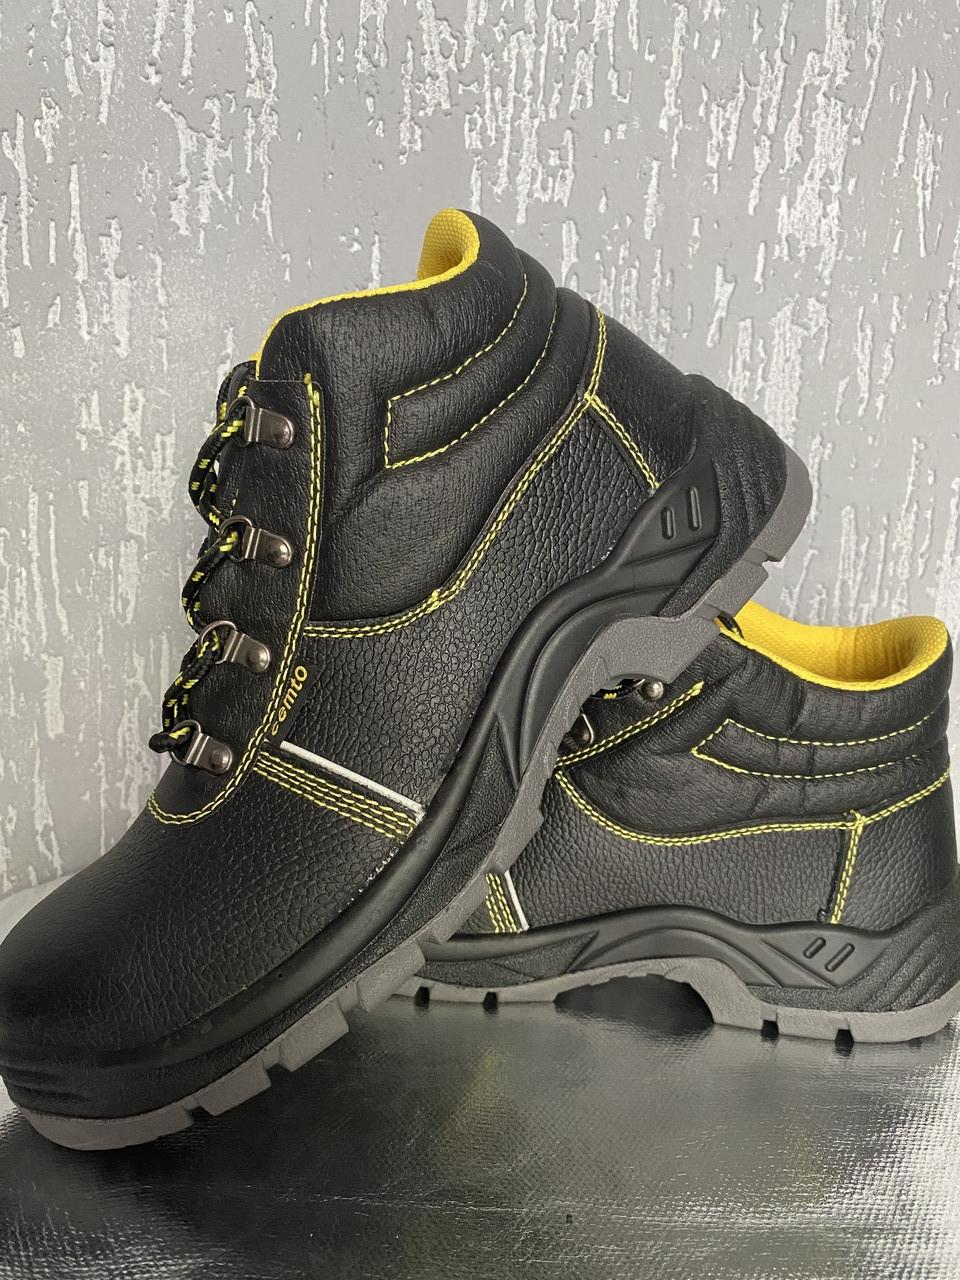 Черевики робочі Cemto з металевим носком і жорстким формованим під носком